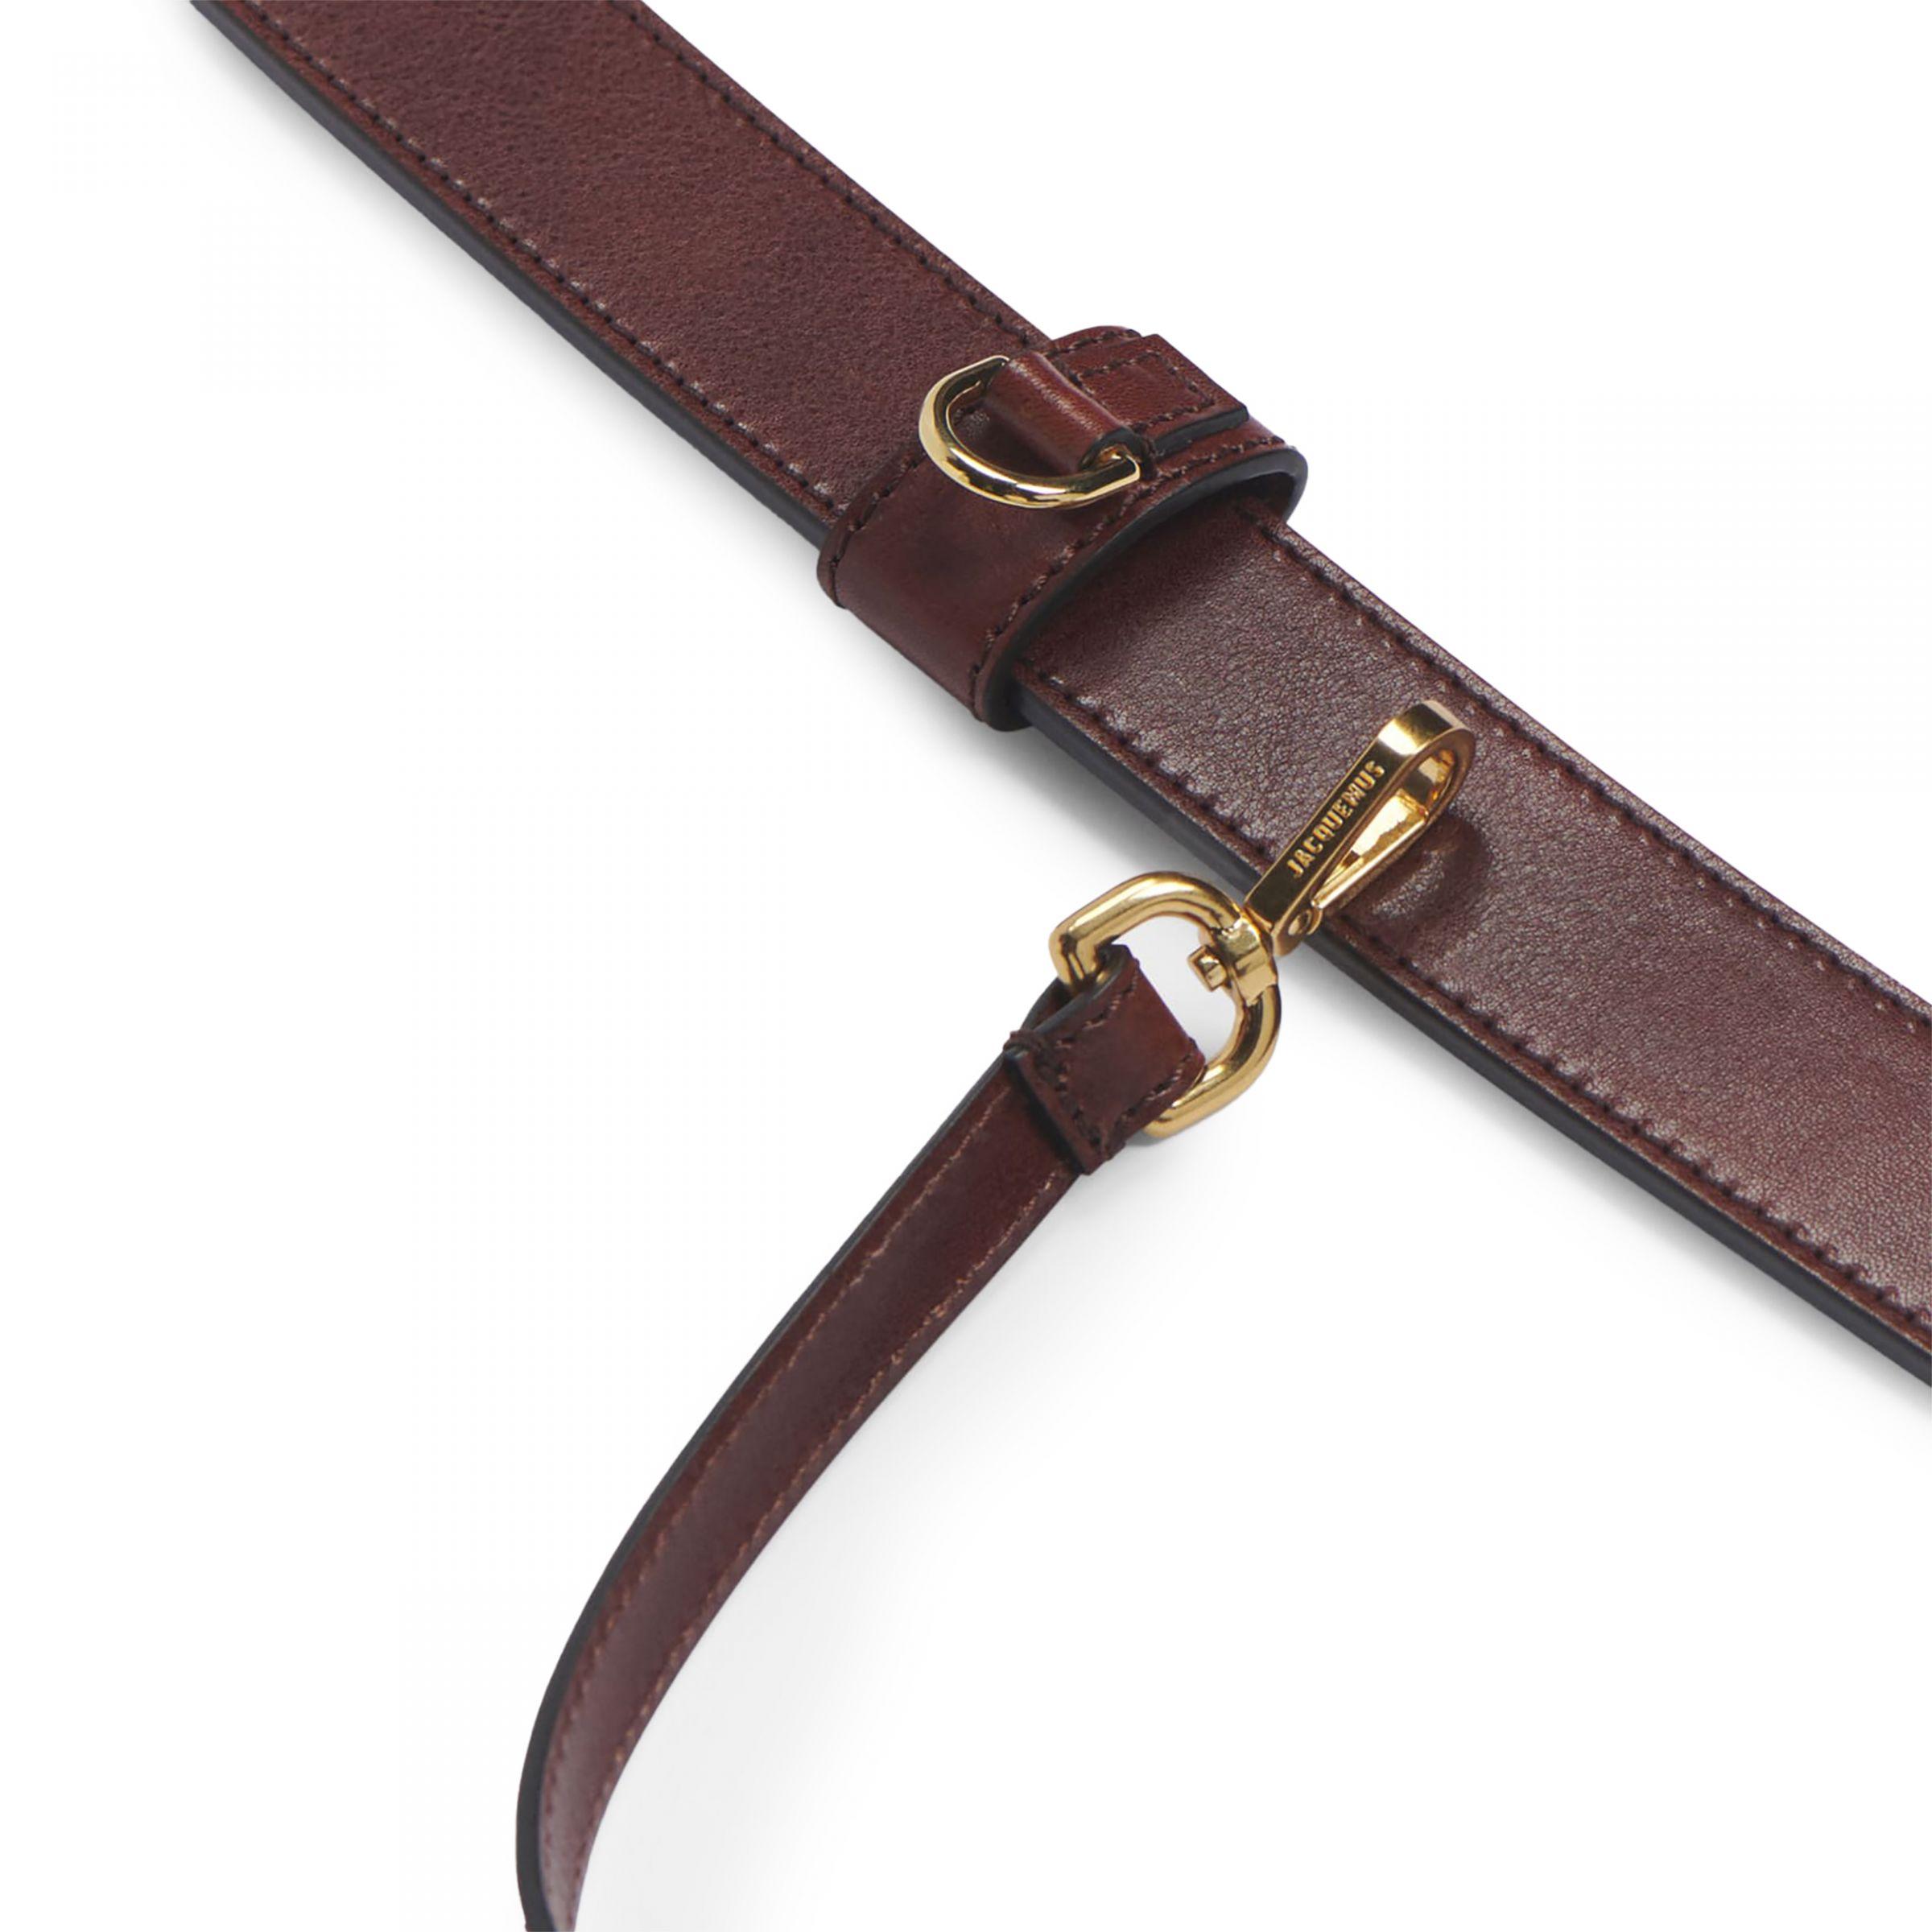 Ремень Jacquemus La ceinture porte cartes коричневый